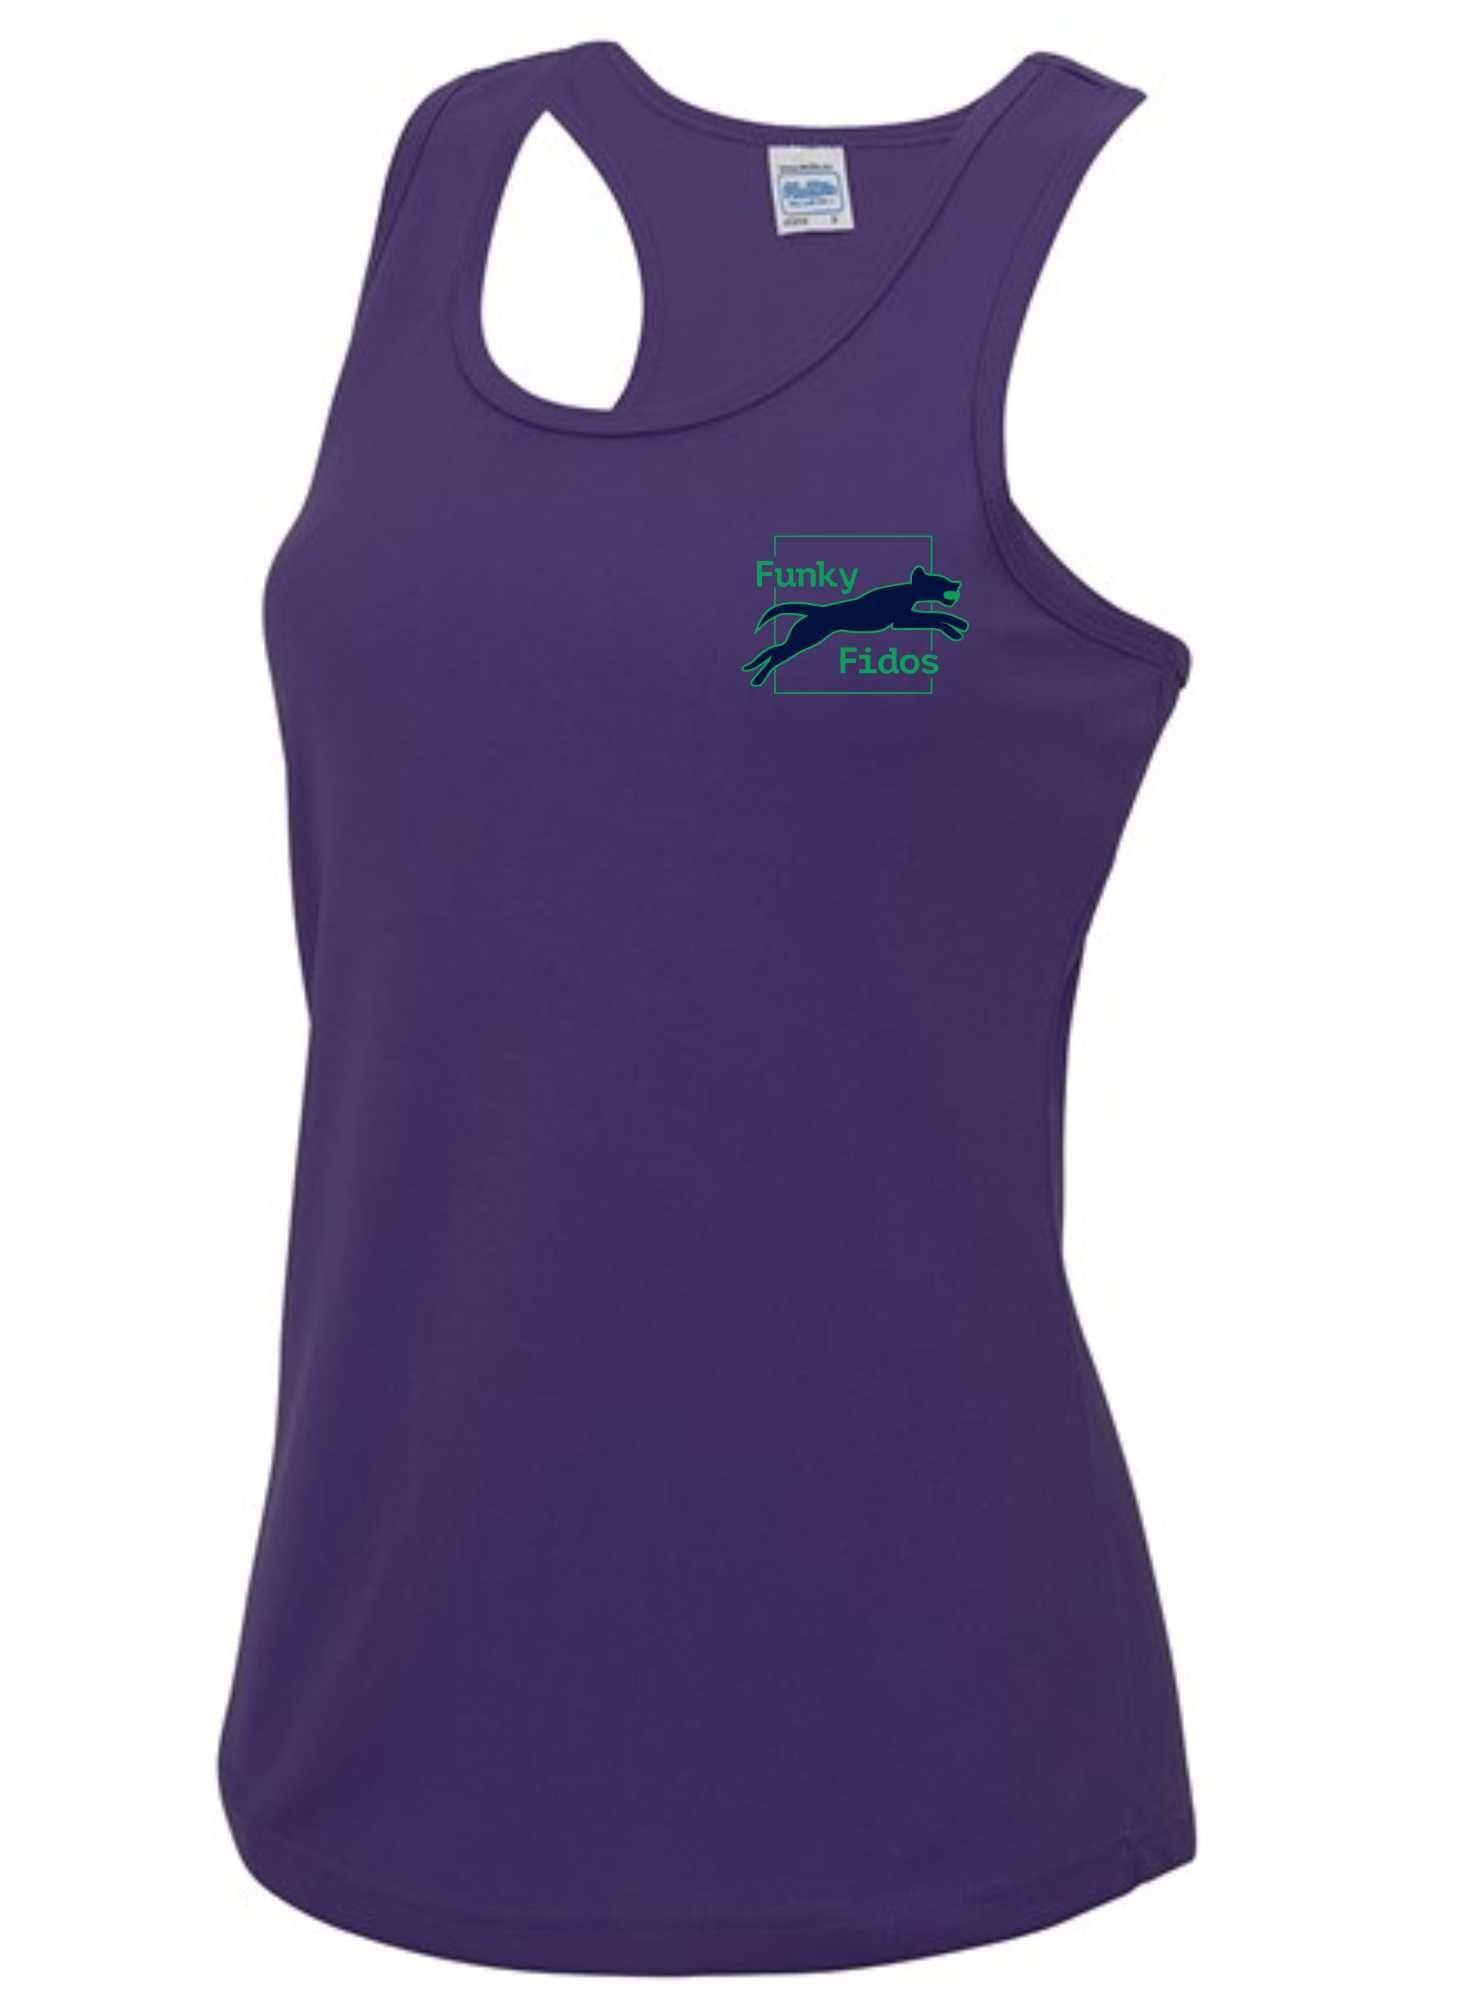 Funky Fidos – AWD Women's Cool Vest (Purple)